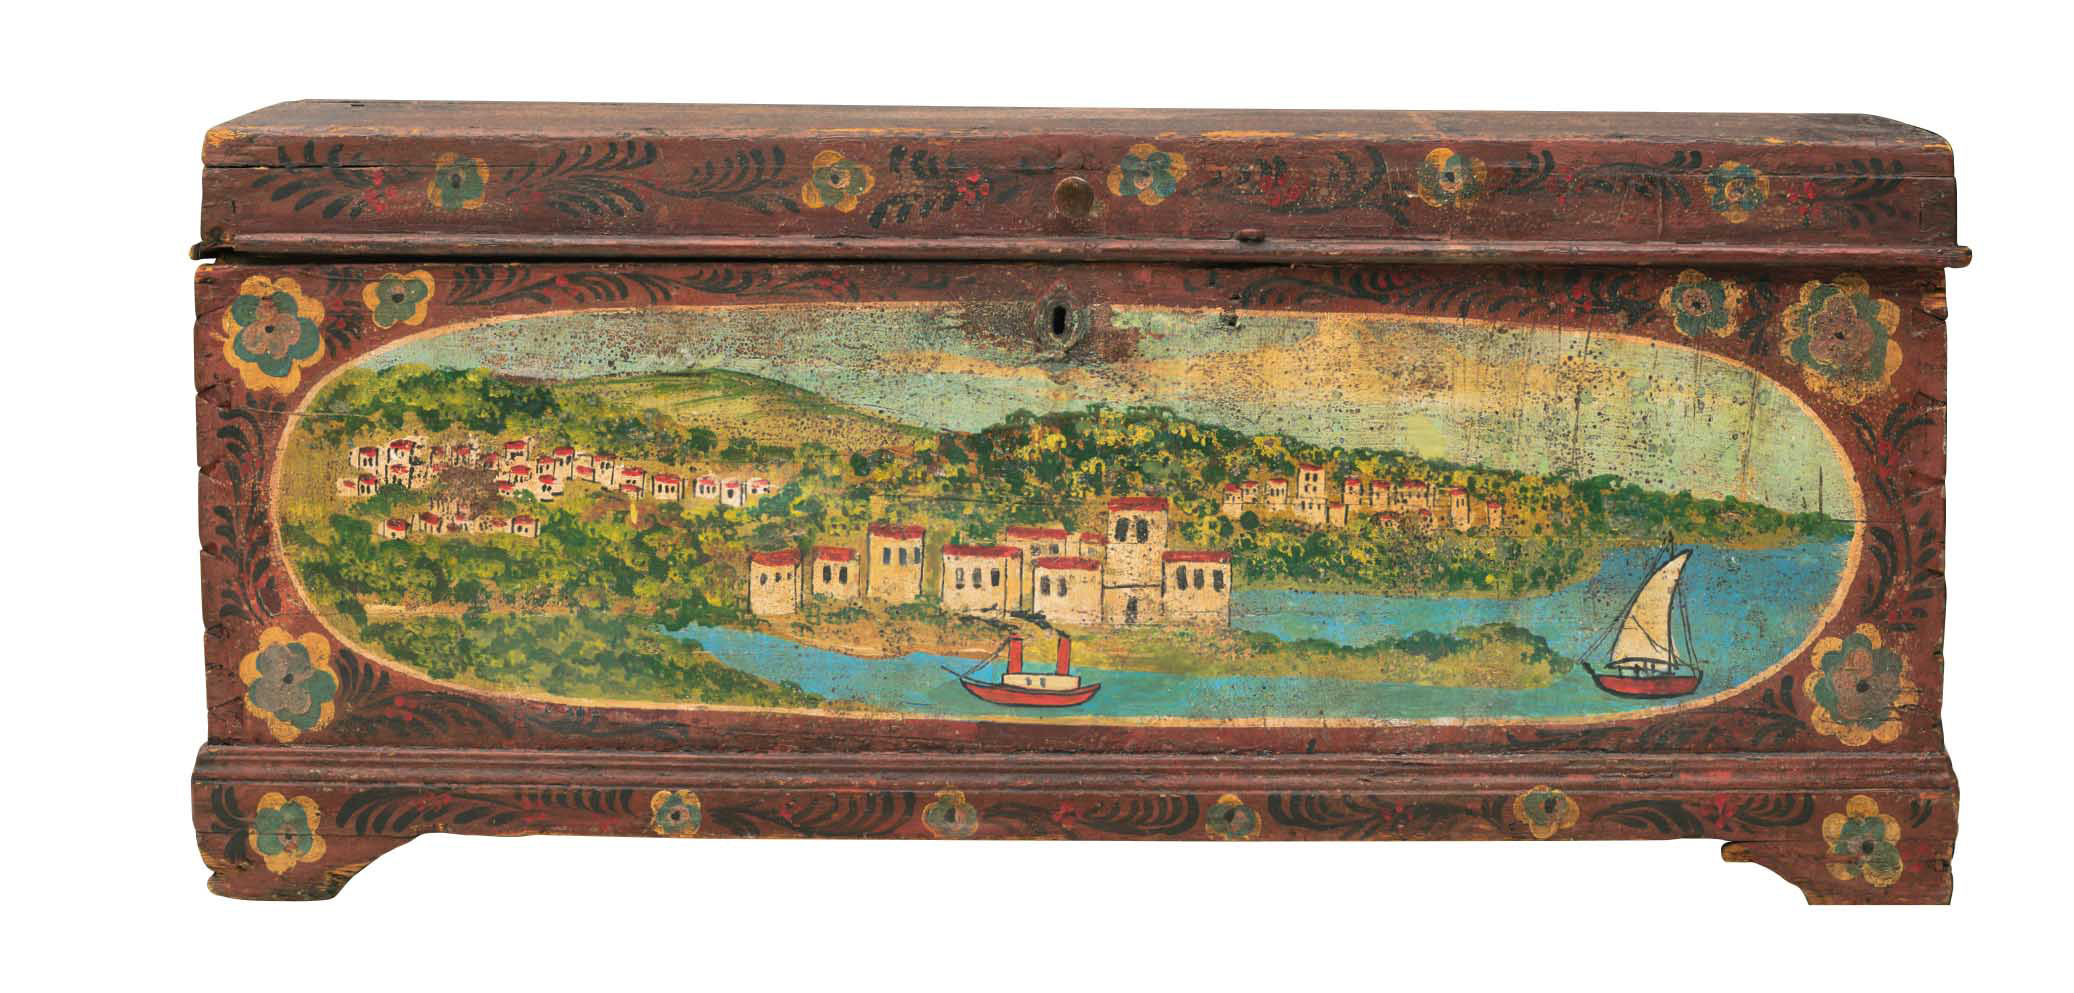 Ξύλινη ζωγραφιστή κασέλα (τέλη 19ου αιώνα)